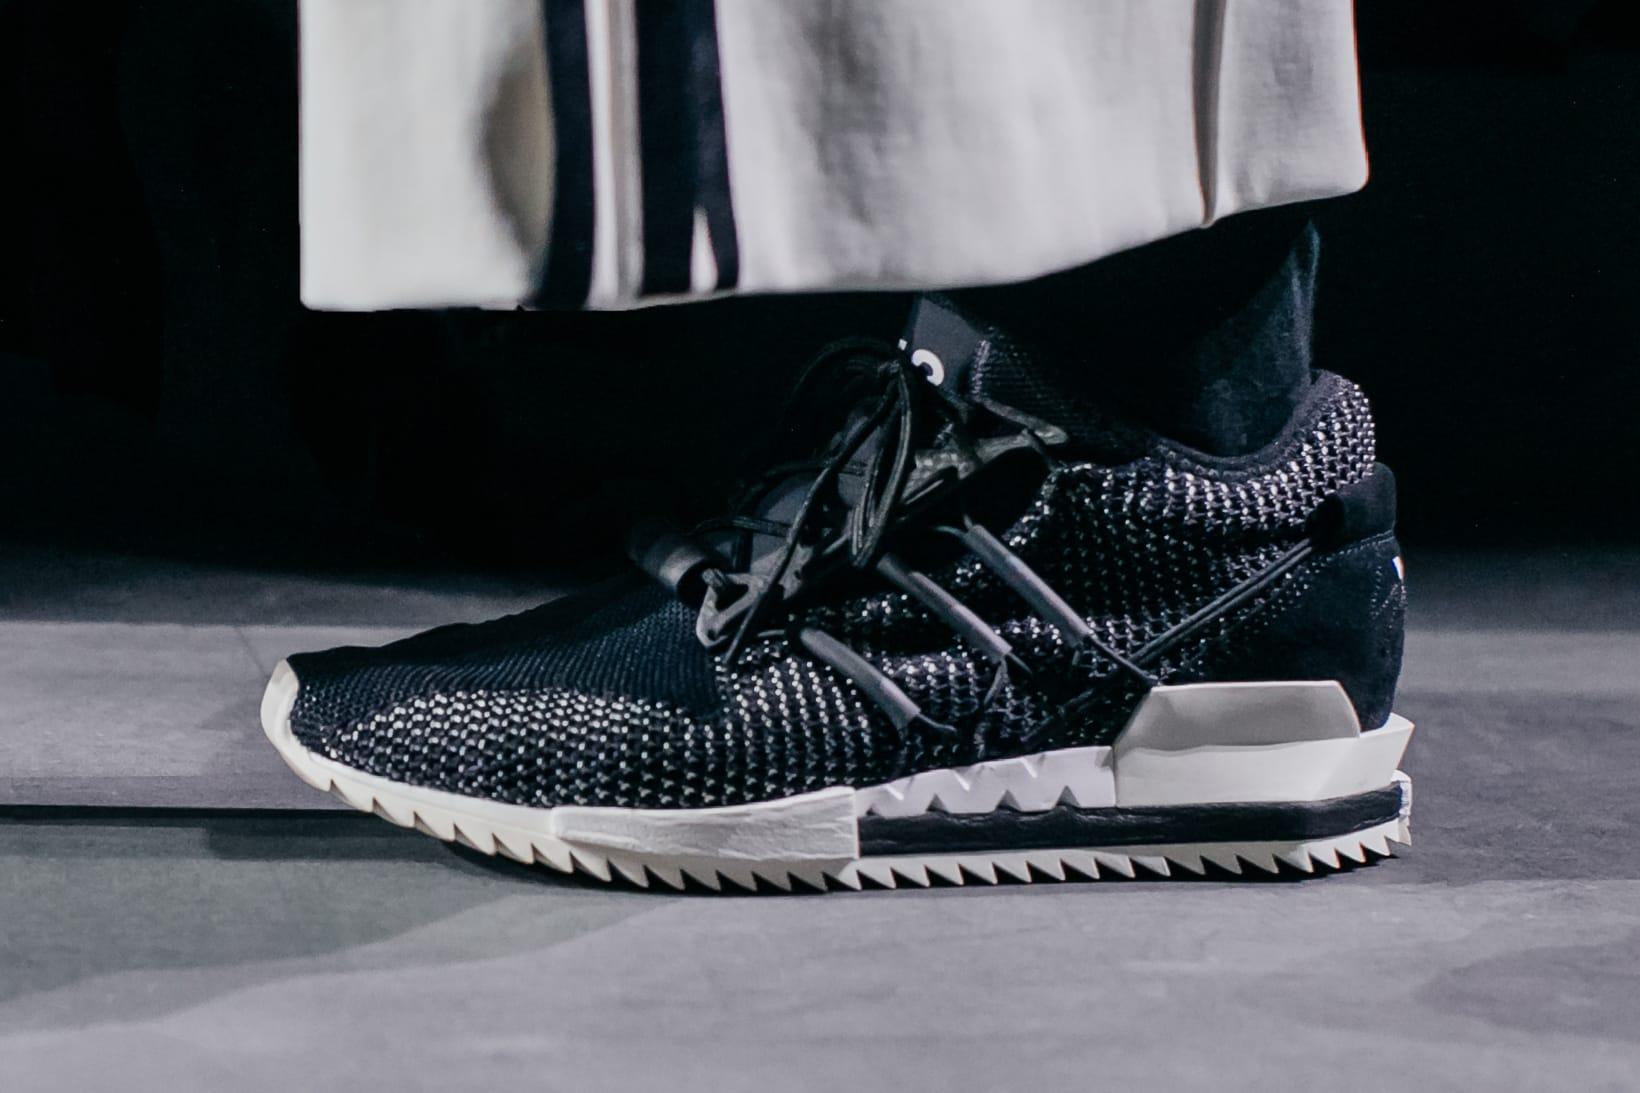 adidas Y-3 2018 Fall/Winter Footwear